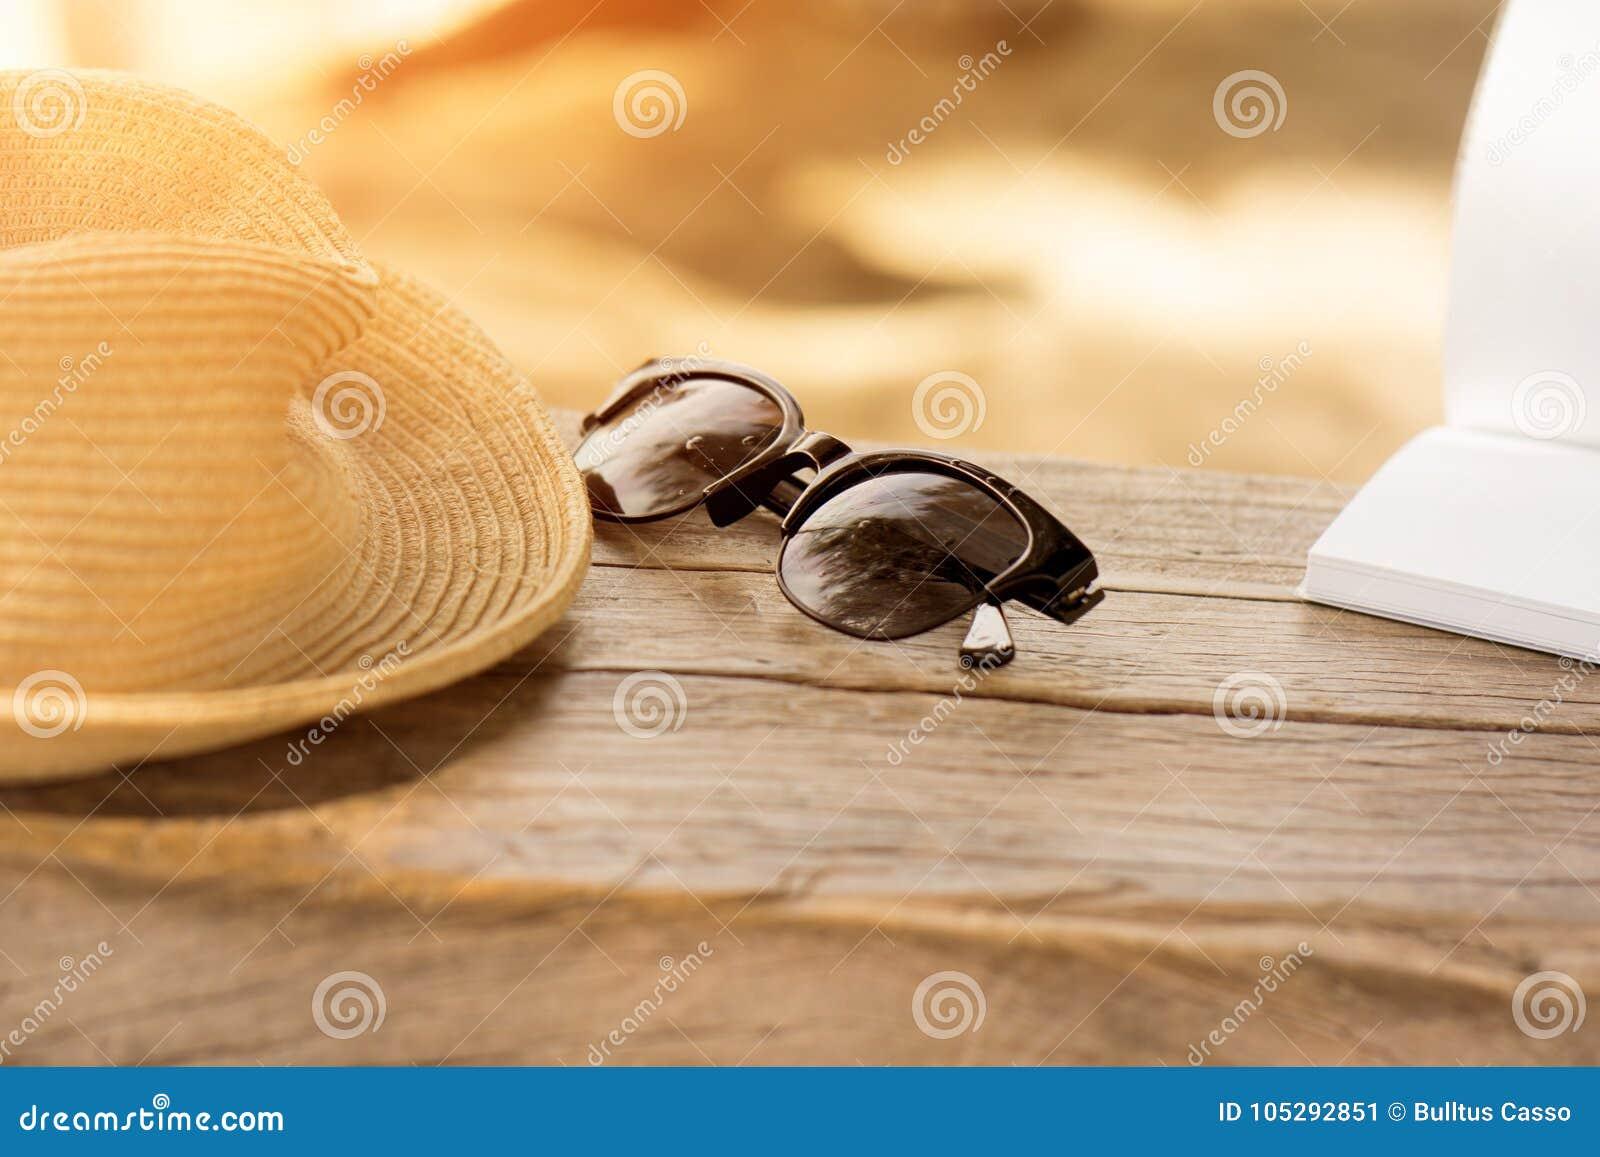 Η γυναίκα κάθεται στην ταλάντευση για την ανάγνωση ενός βιβλίου στην παραλία